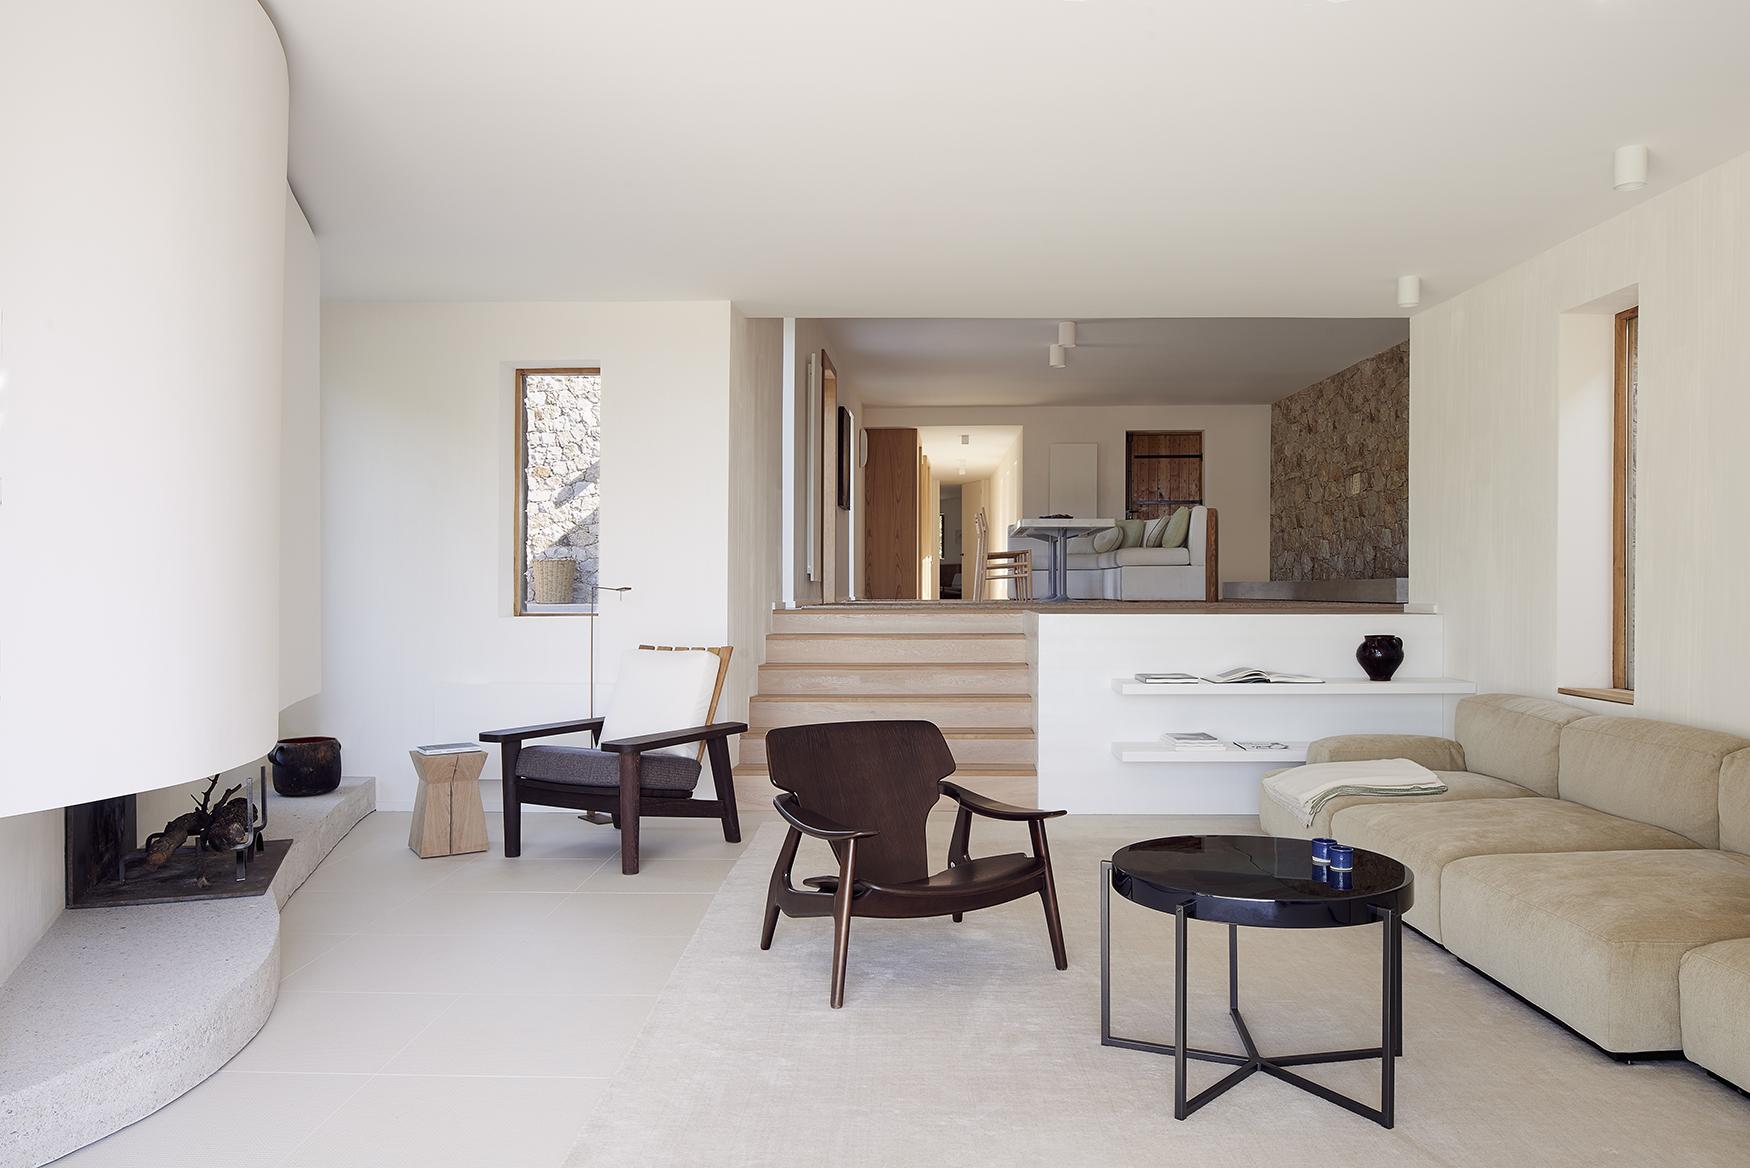 sandrine sarah faivre-architecture-interieure-living-2015-Pigna-16